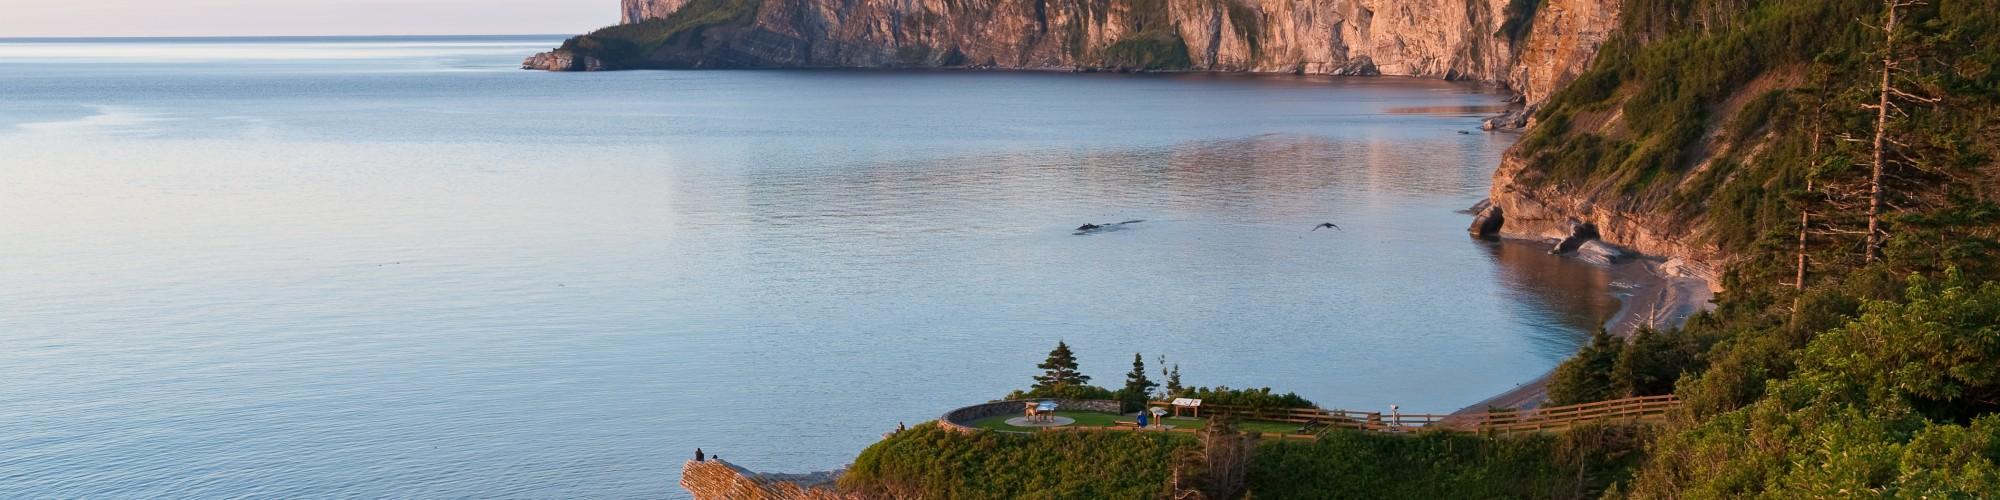 Cap Gaspé, Gaspésie